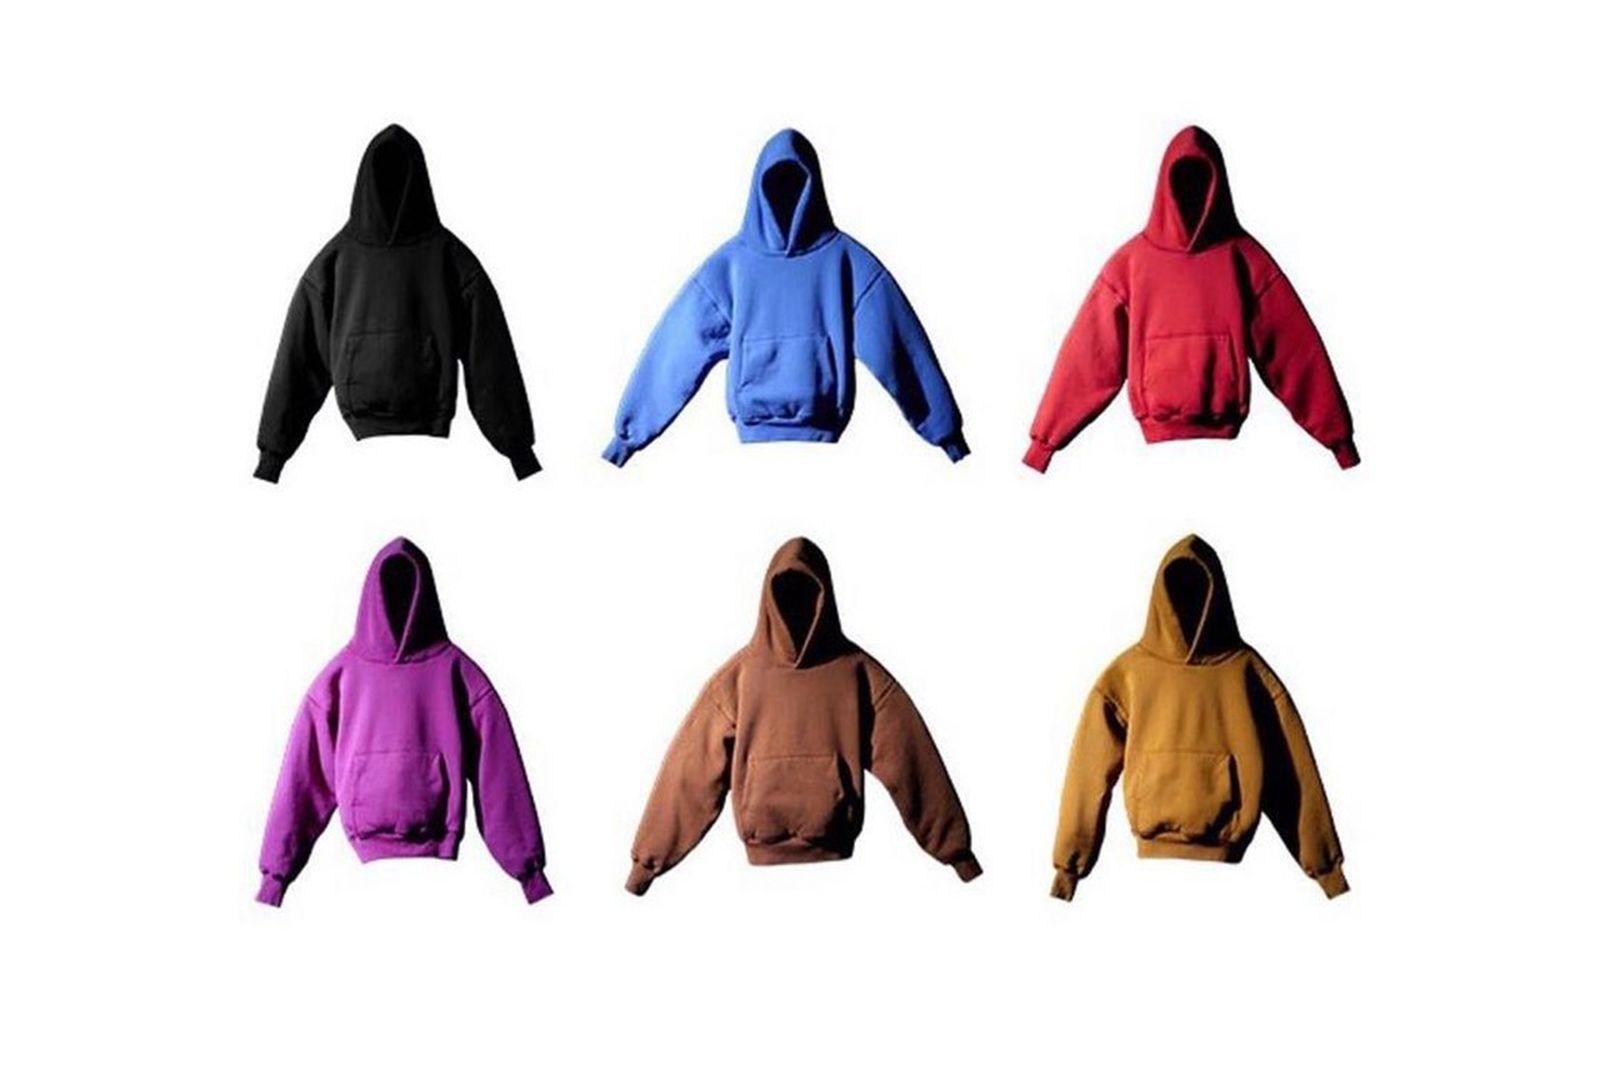 yeezy gap hoodie release date buy online price